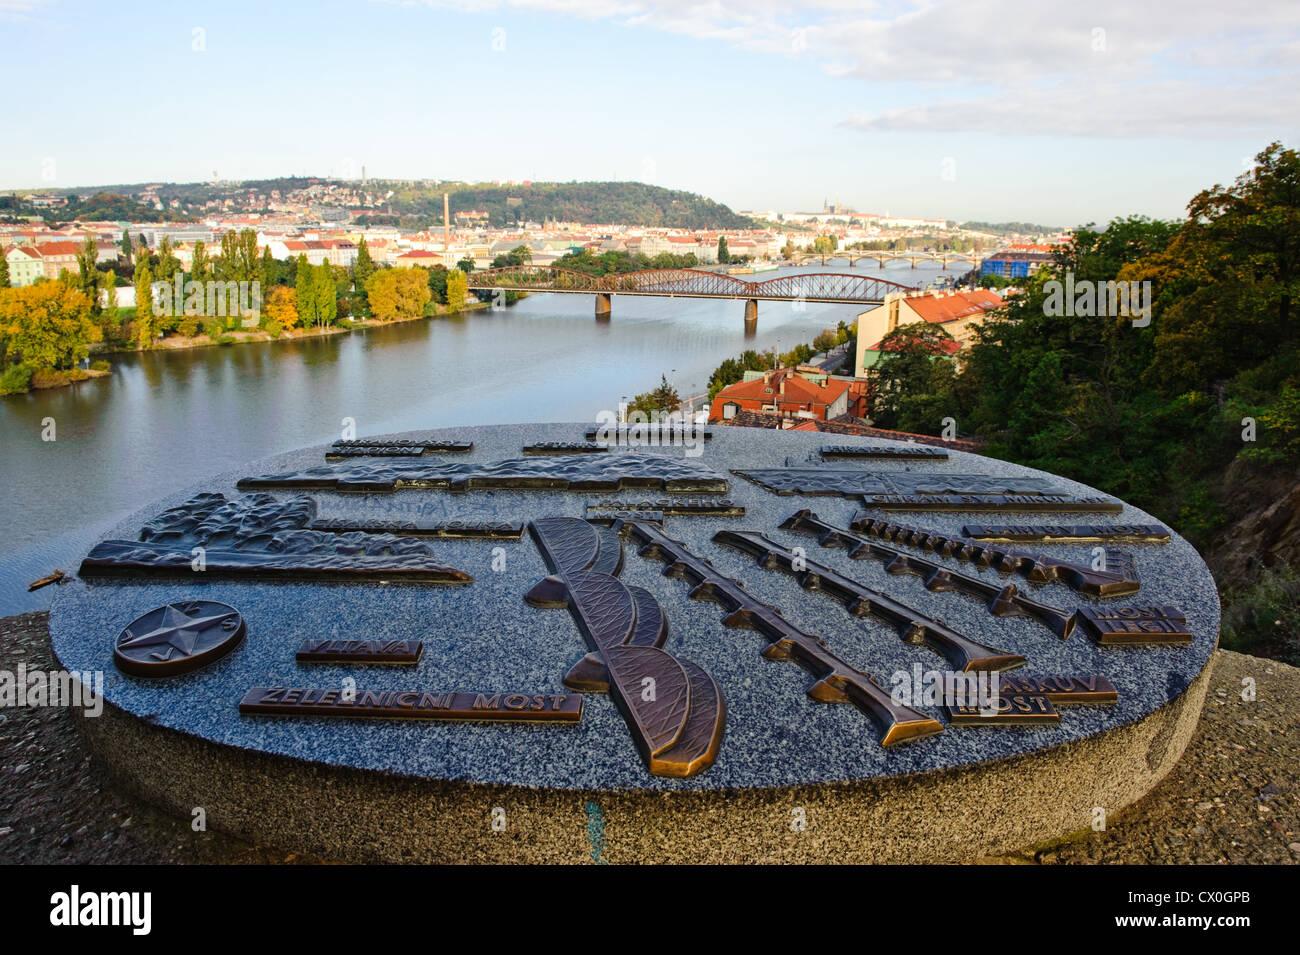 Présentation de la ville de Prague sur une plaque de granit, République Tchèque Photo Stock